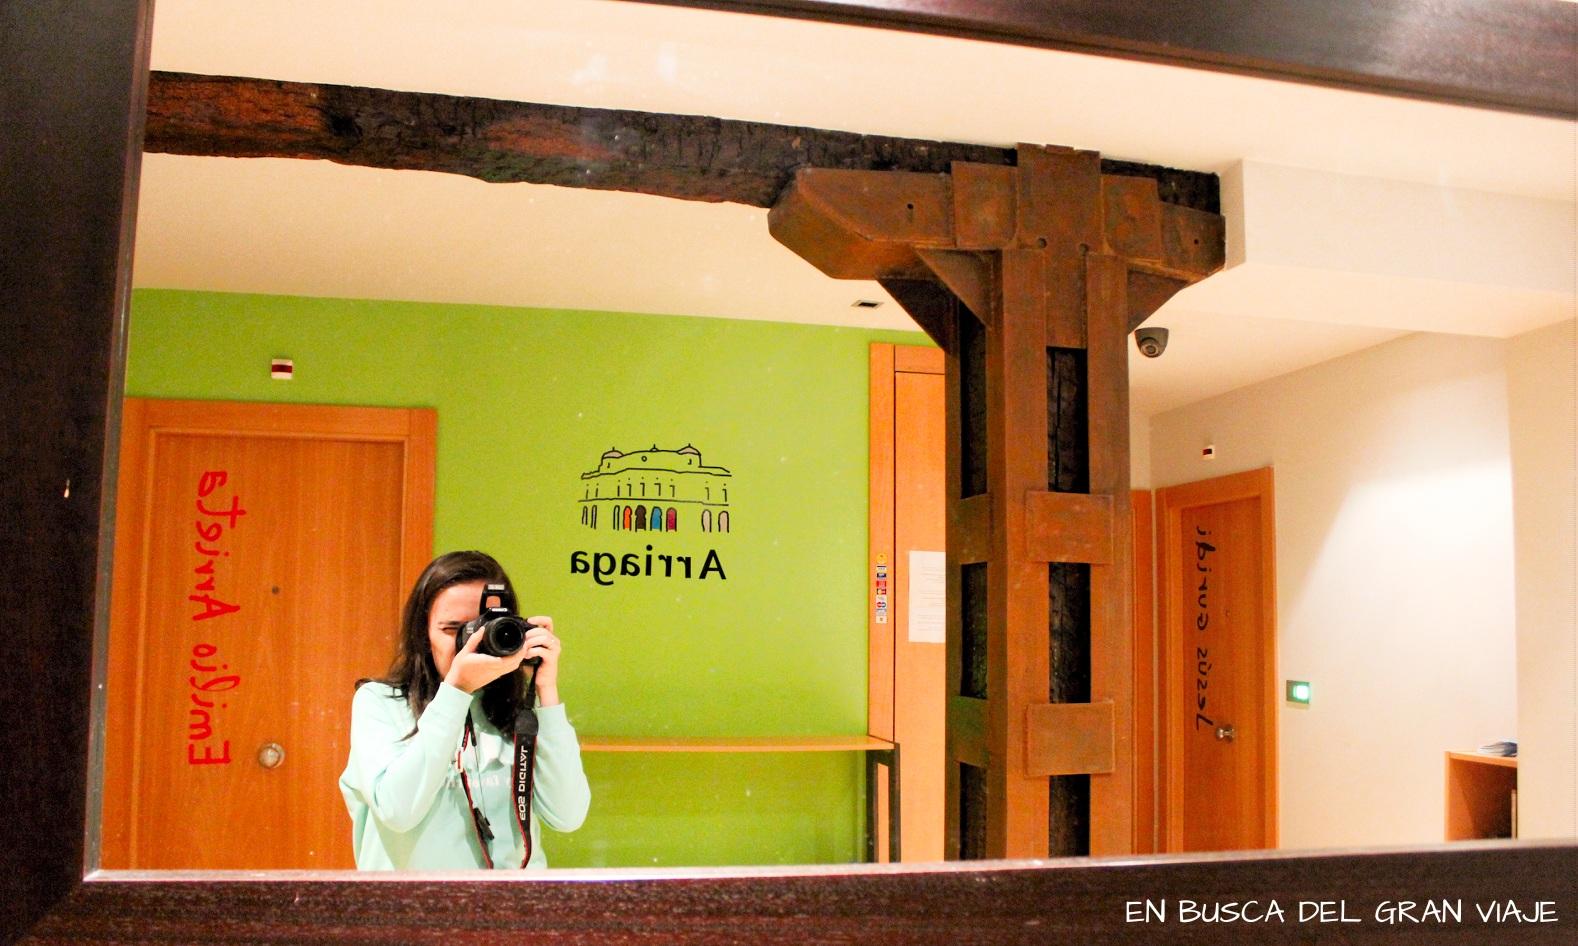 Recepción de la Pensión Arriaga y to haciendome una foto frente al espejo